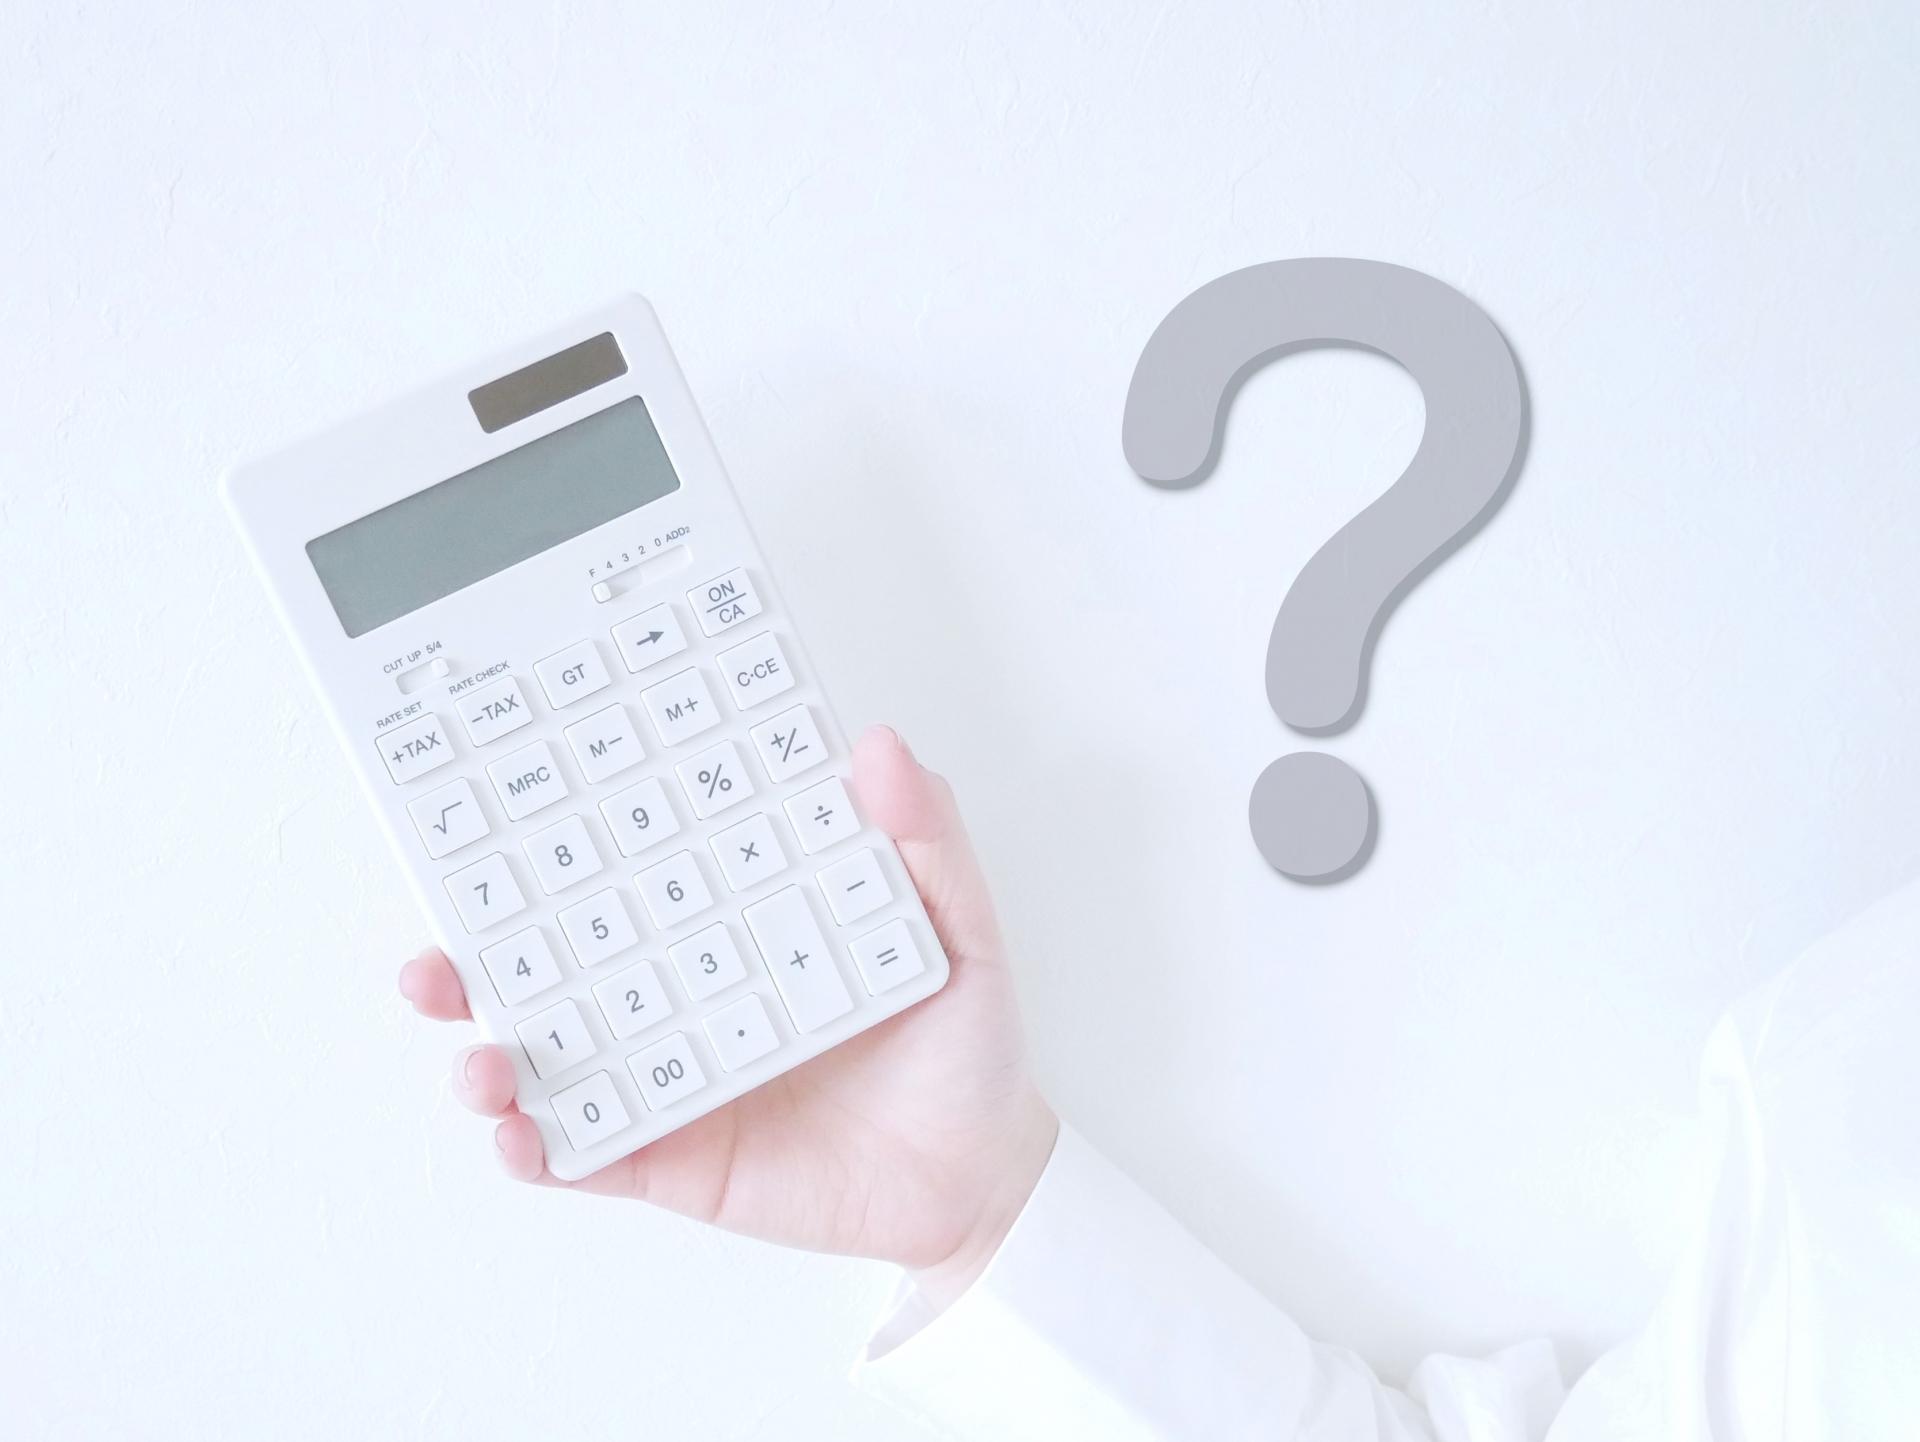 開業前の経費 法人と個人事業で考え方が違う?